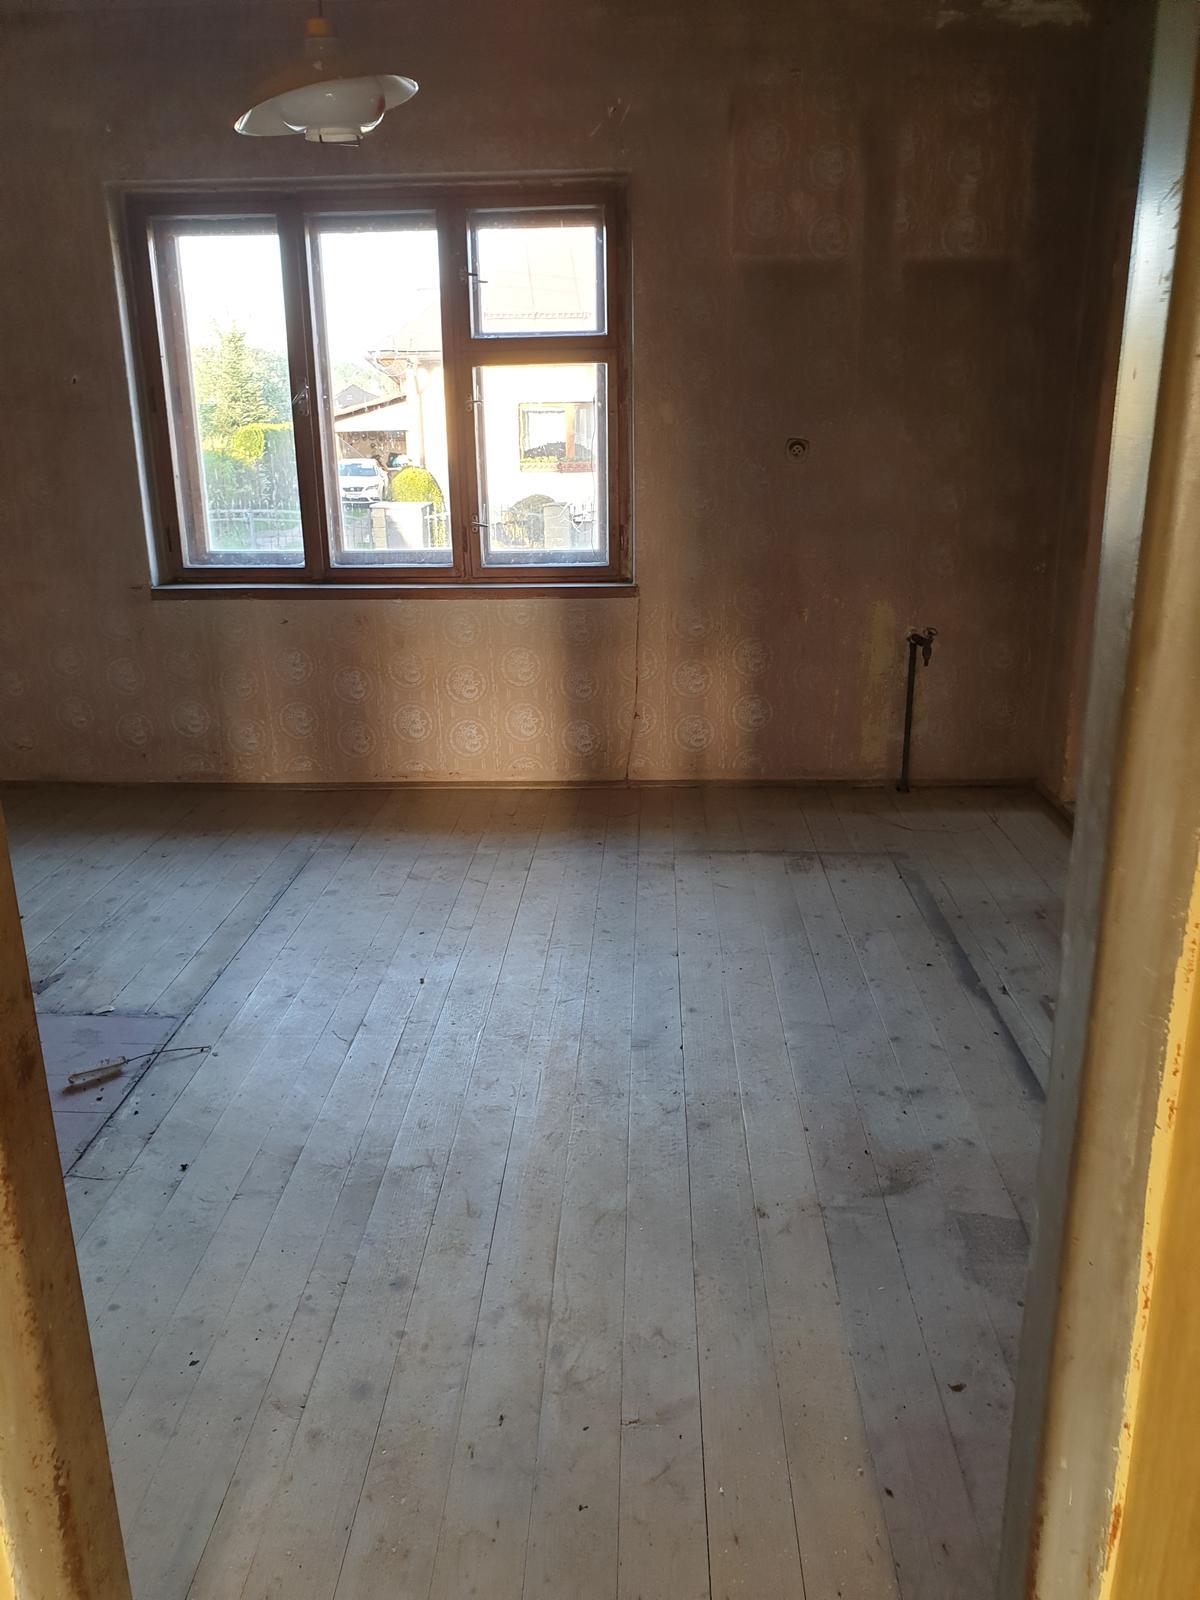 Rekonštrukcia domu-alebo chceme si splniť sen =》🏠🌻🌼🐶  mat domcek a vratit sa na Slovensko - Moja/nasa buduca pracovna